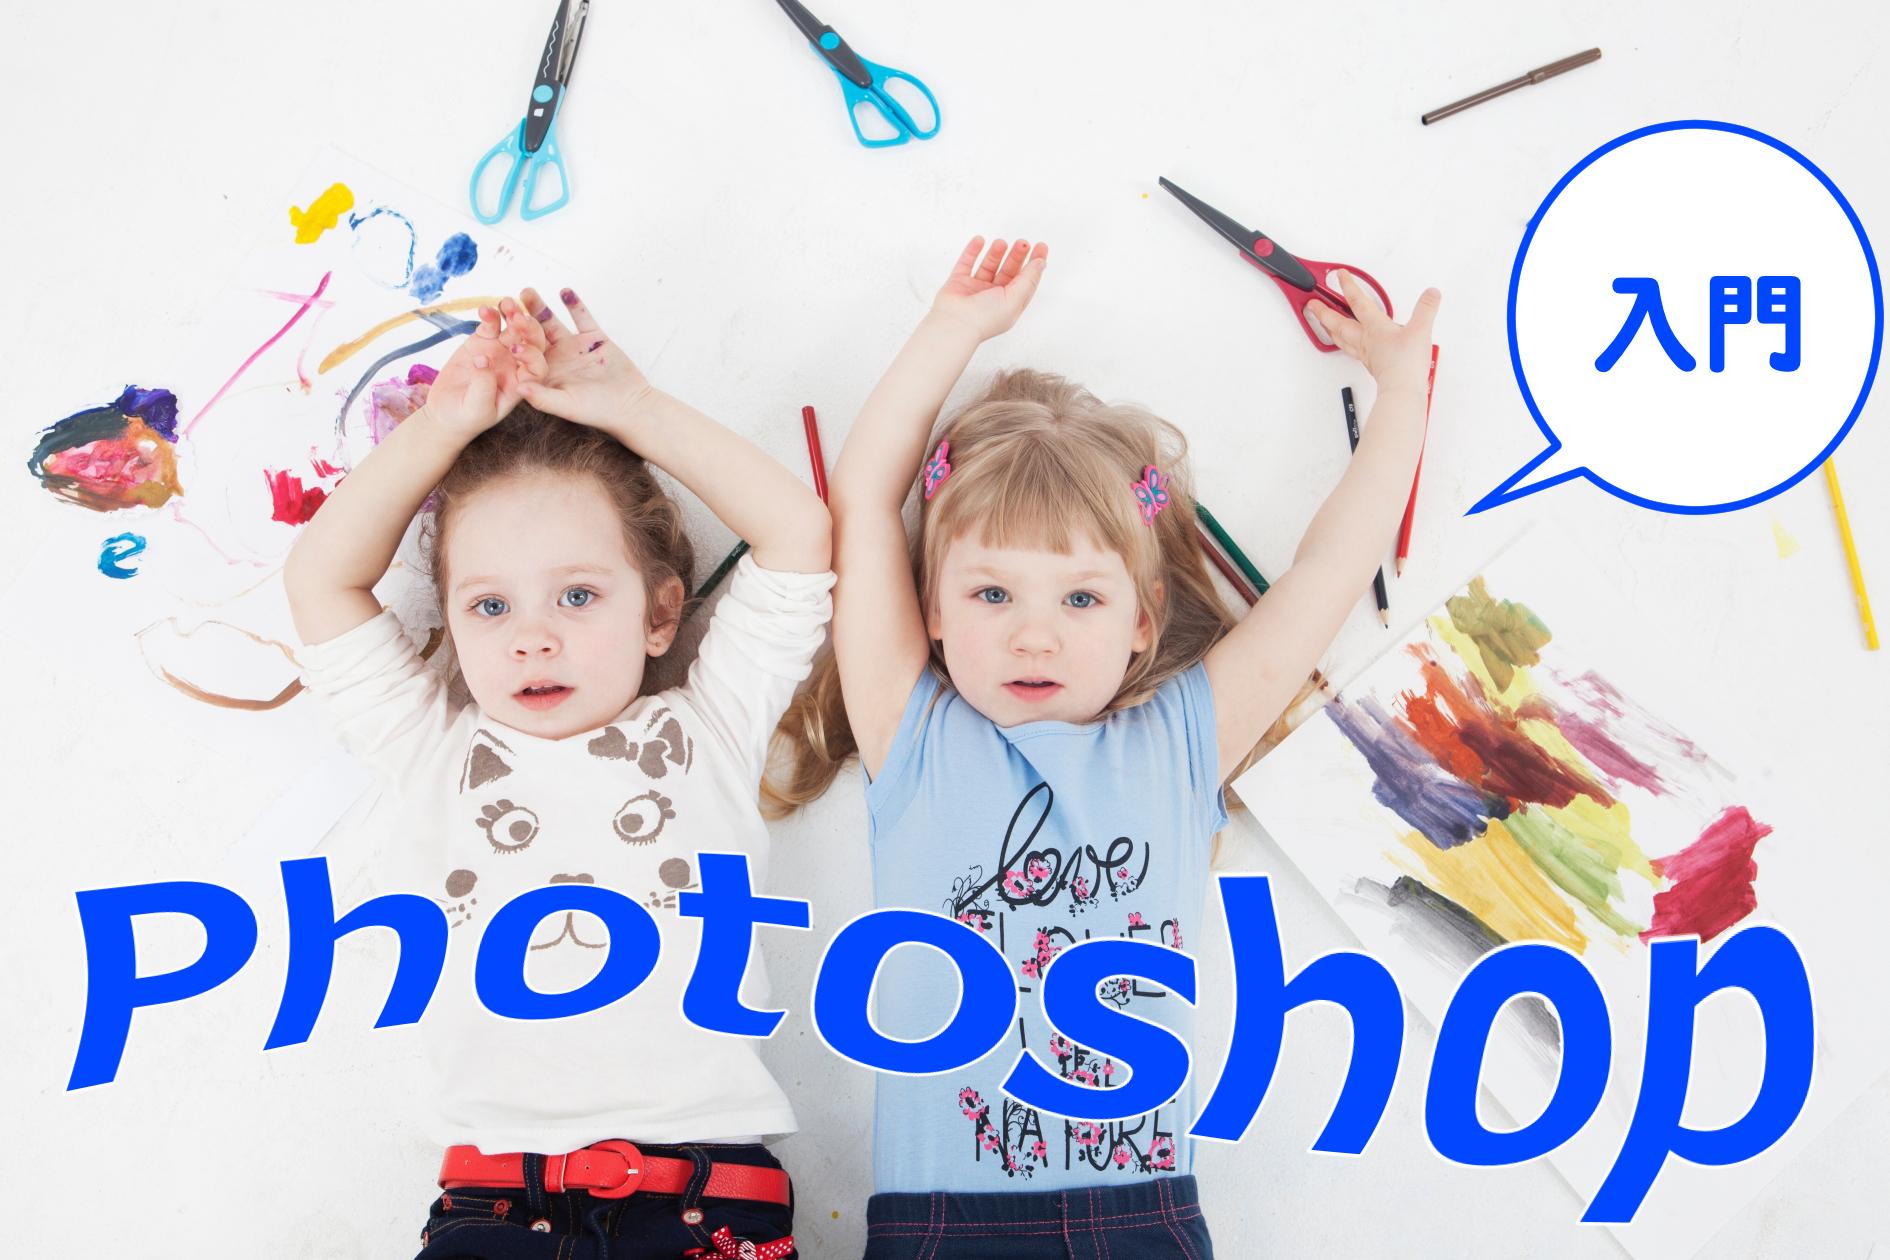 独学で学ぼう!Photoshopおすすめ入門本と入門サイト